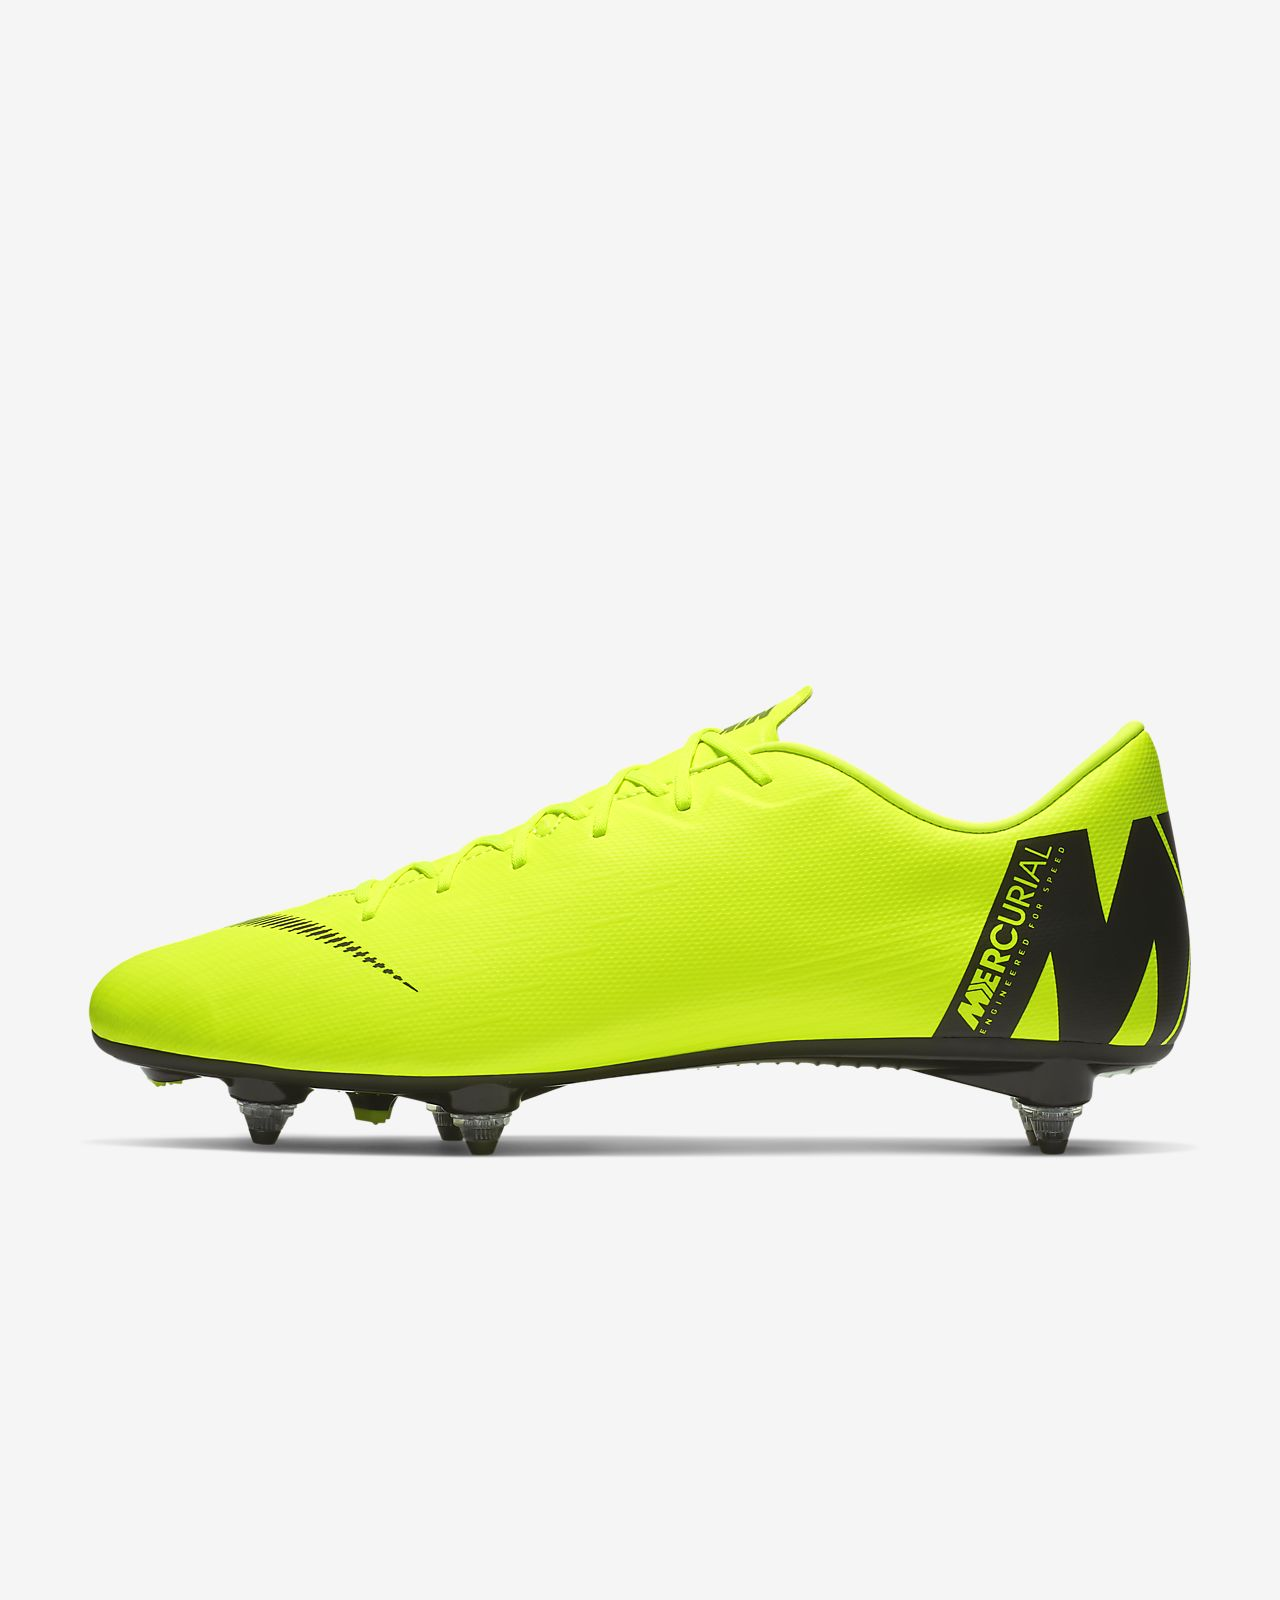 ace8e34e73ff Футбольные бутсы для игры на мягком грунте Nike Mercurial Vapor XII Academy  SG-PRO